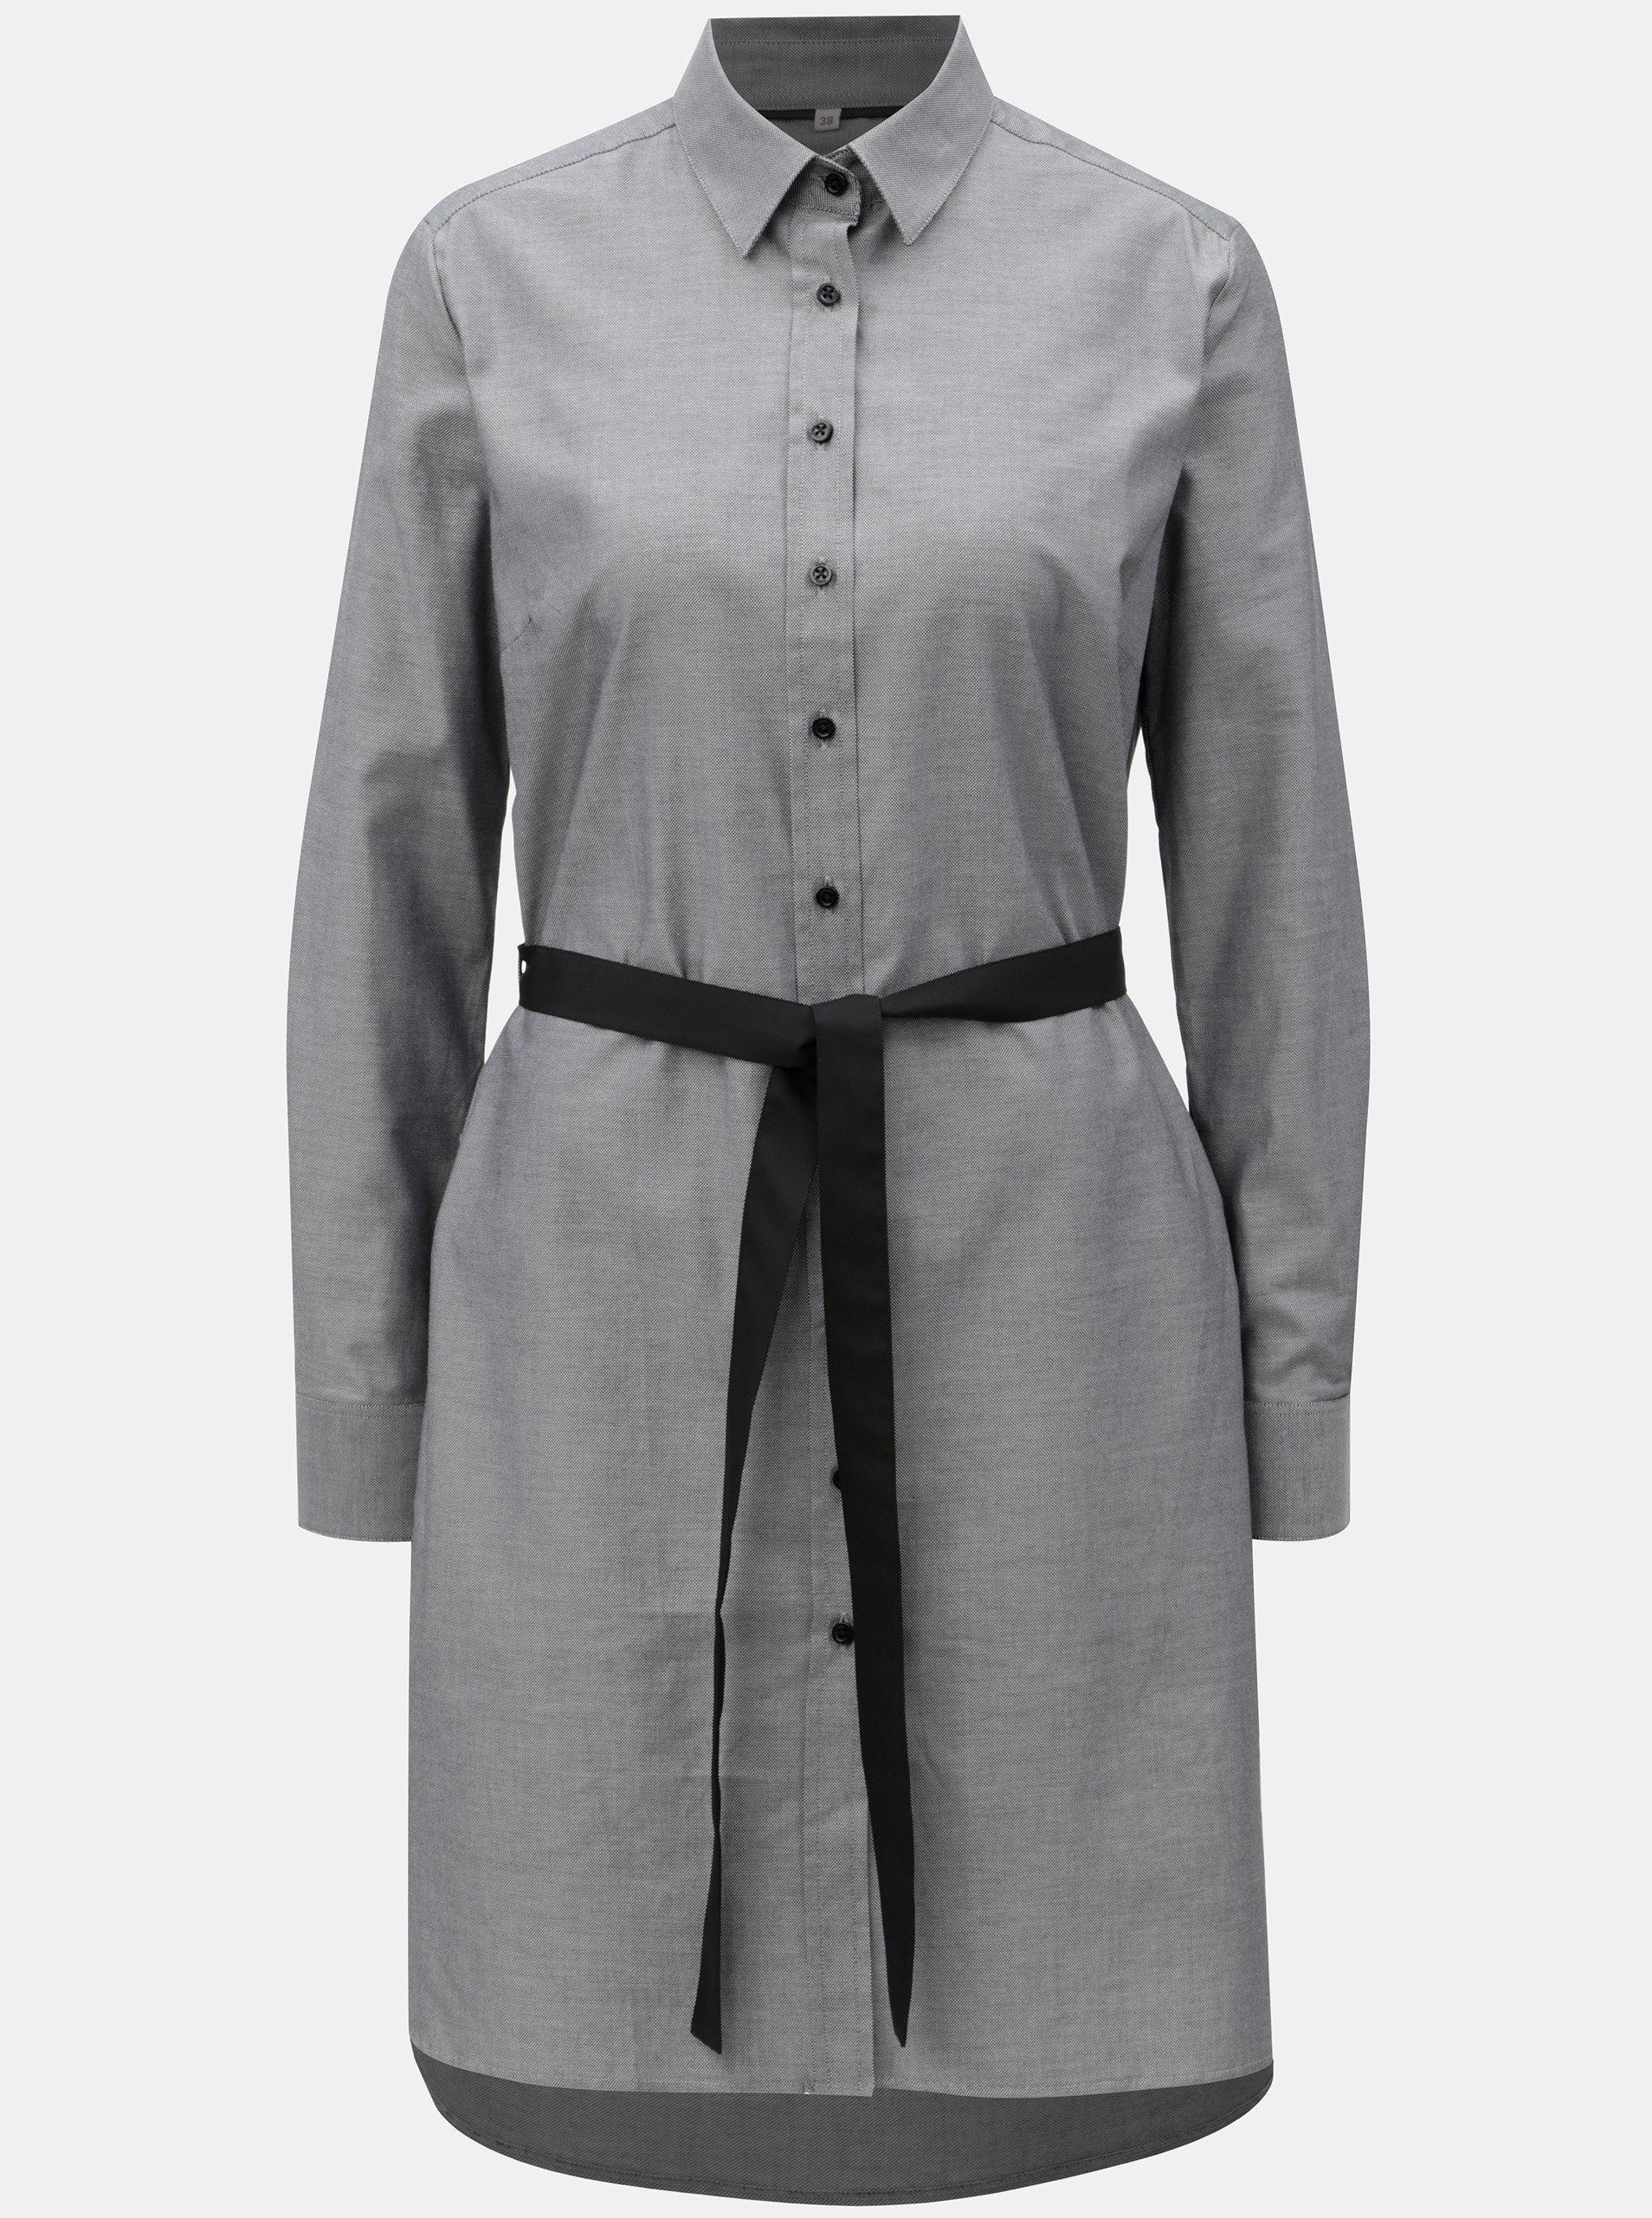 7d69940c311 Šedé košilové šaty s páskem na zavazování VAVI ...